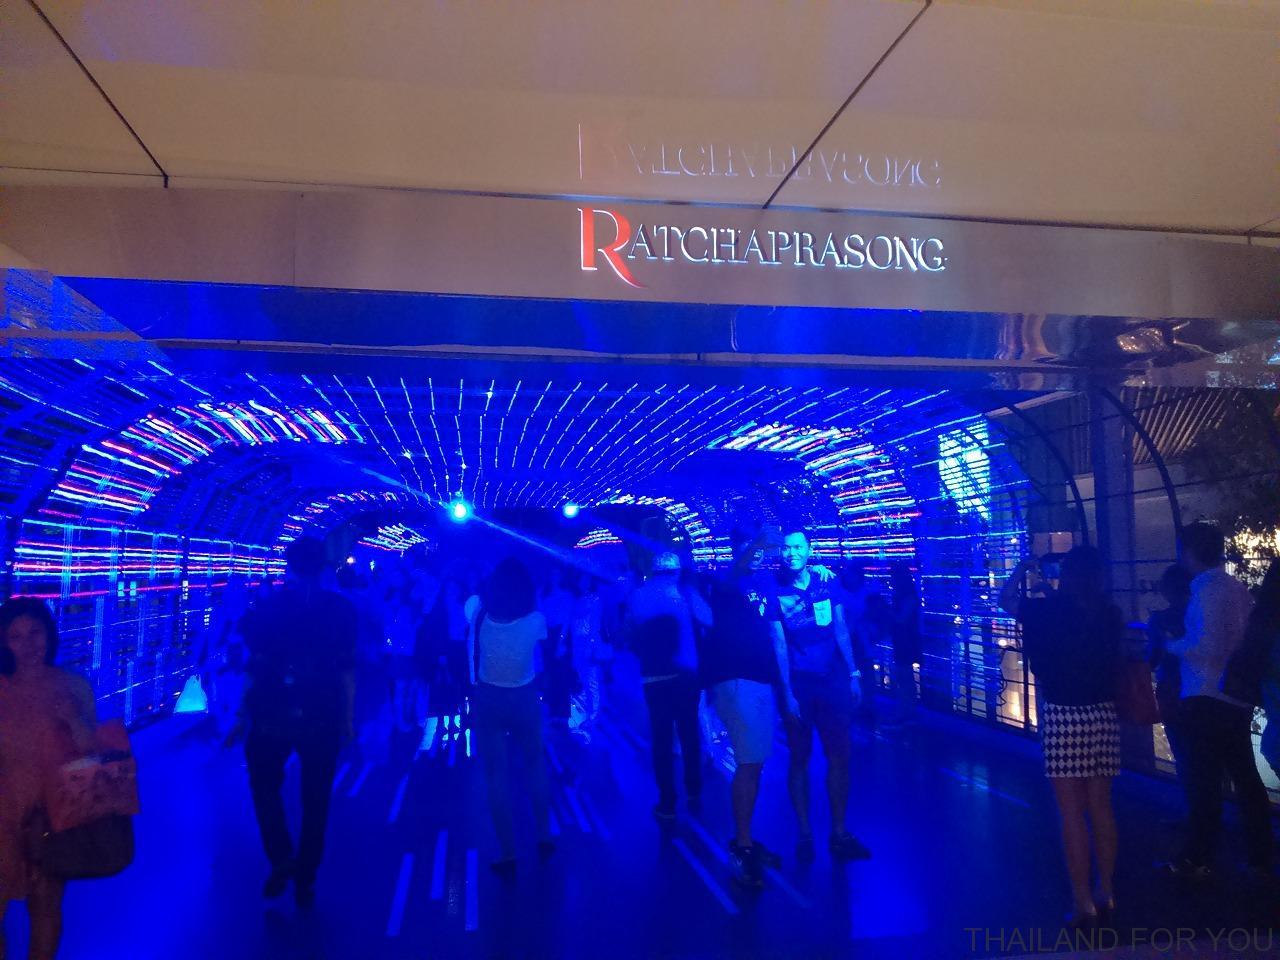 タイ・バンコクの年末年始のイルミネーション_6